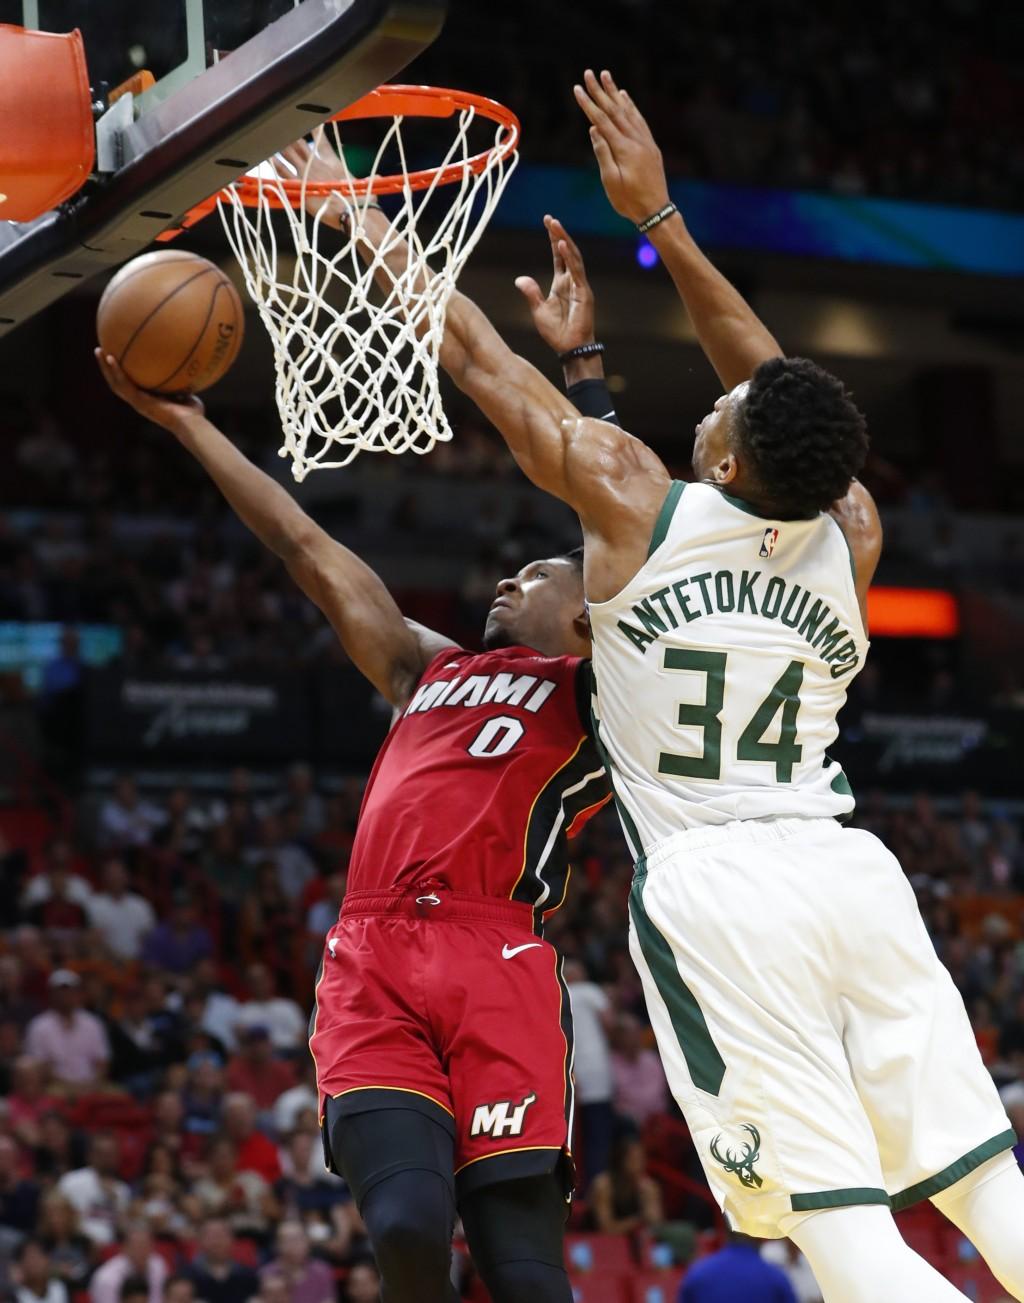 Miami Heat guard Josh Richardson (0) shoots next to Milwaukee Bucks forward Giannis Antetokounmpo (34) during the first half of an NBA basketball game